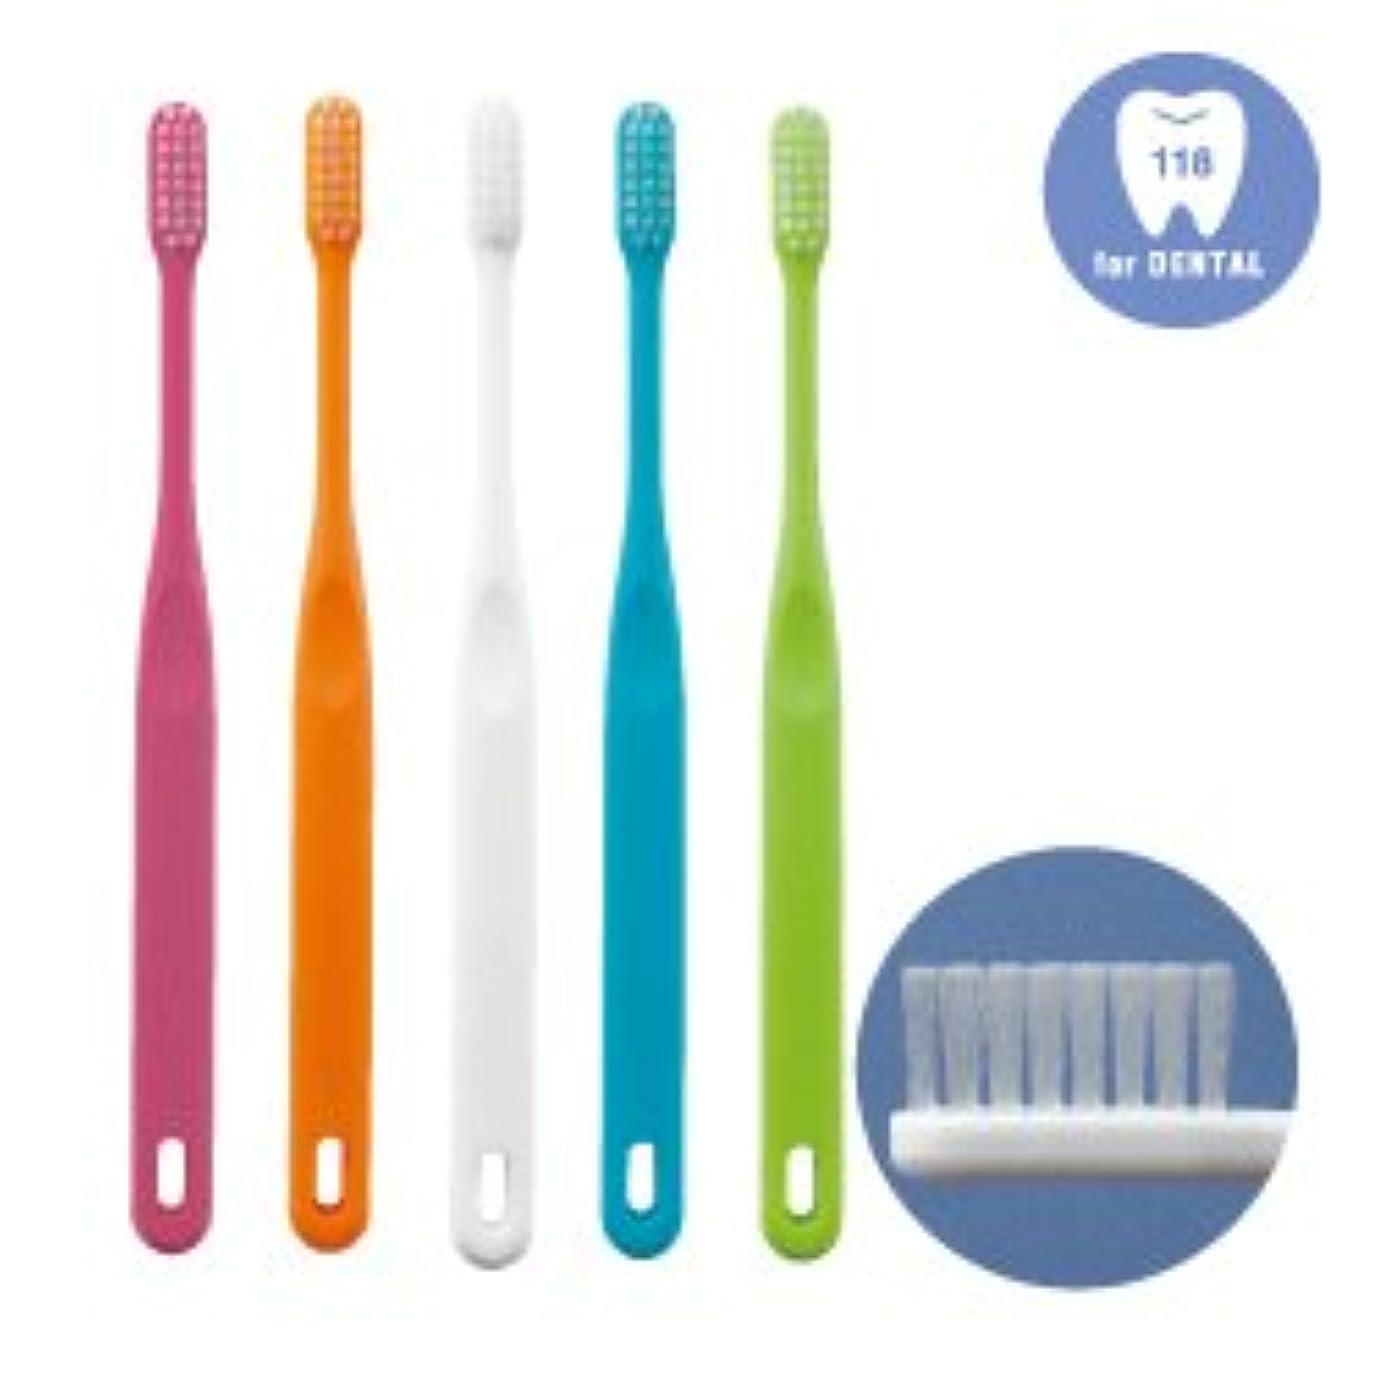 サラミ浸すヘルパー歯科専用歯ブラシ「118シリーズ」Advance(アドバンス)M(ふつう)25本